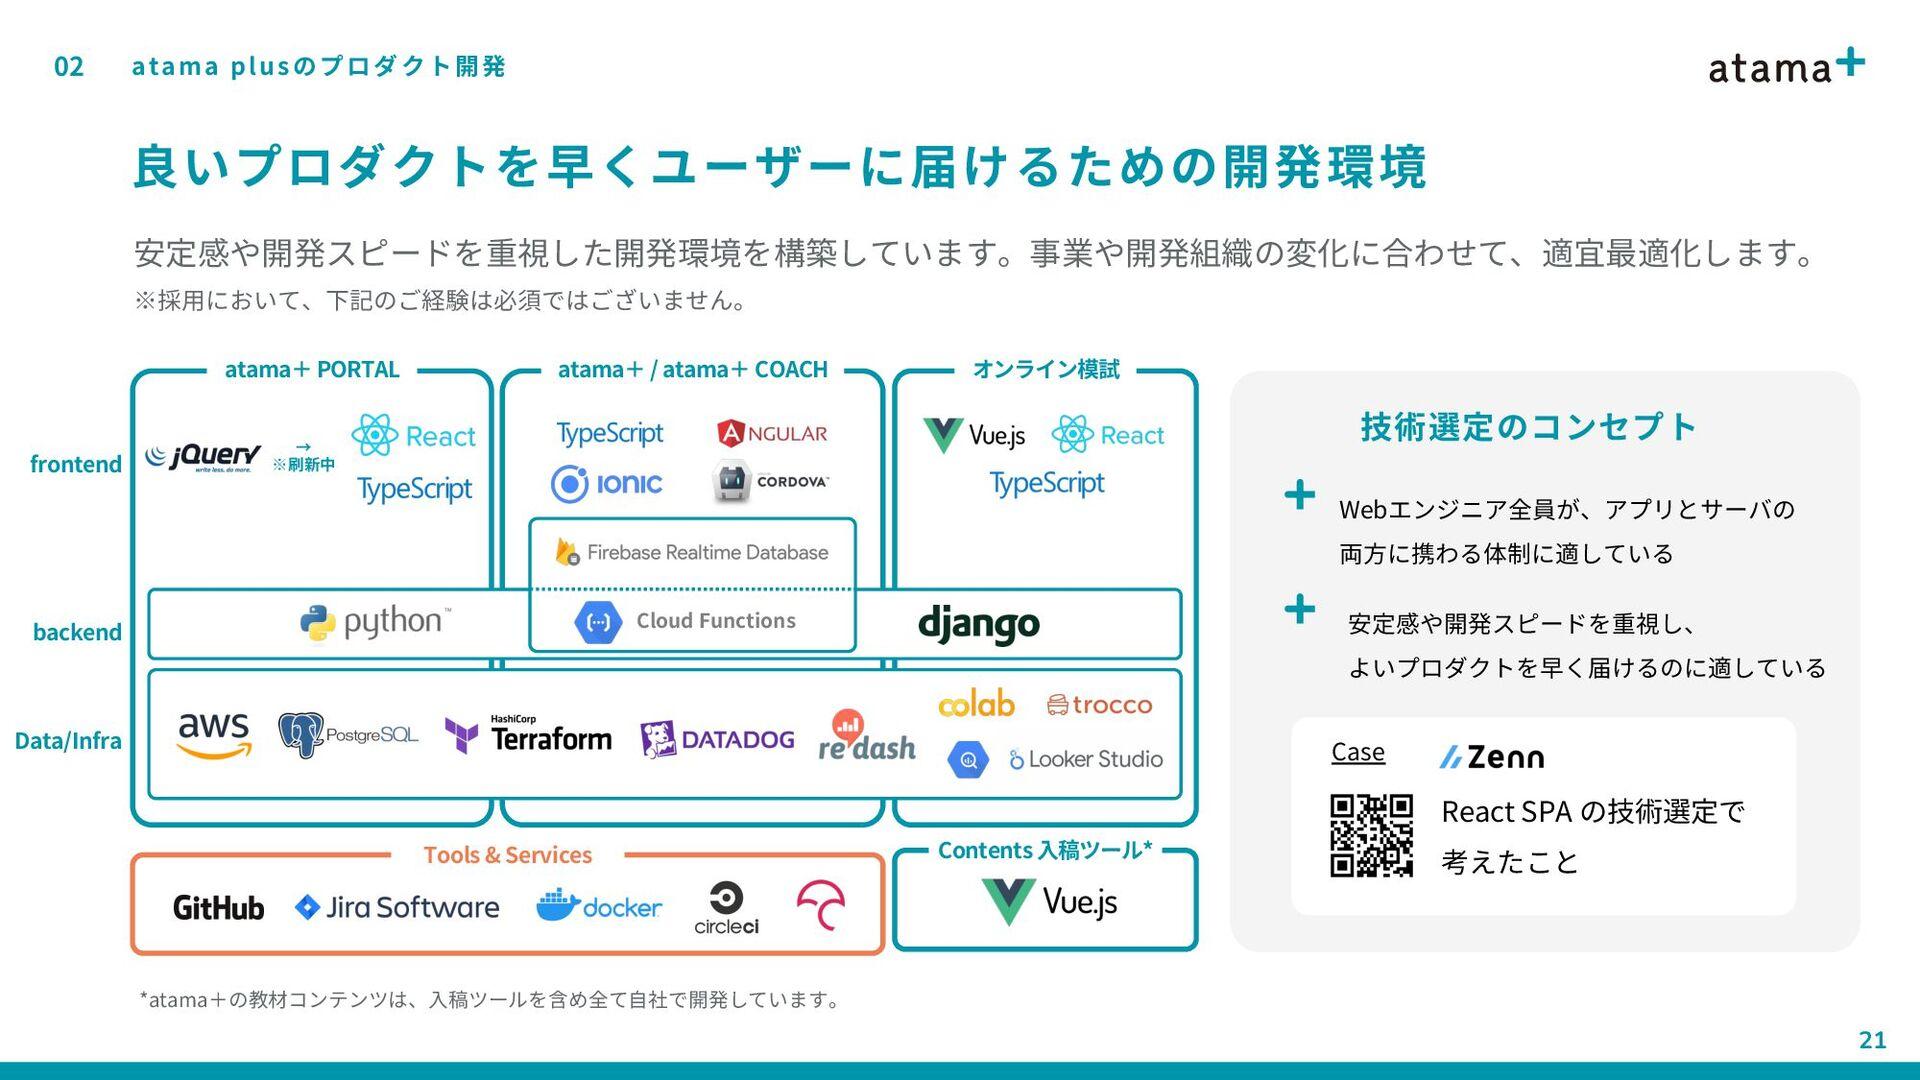 働く環境・制度 03 21